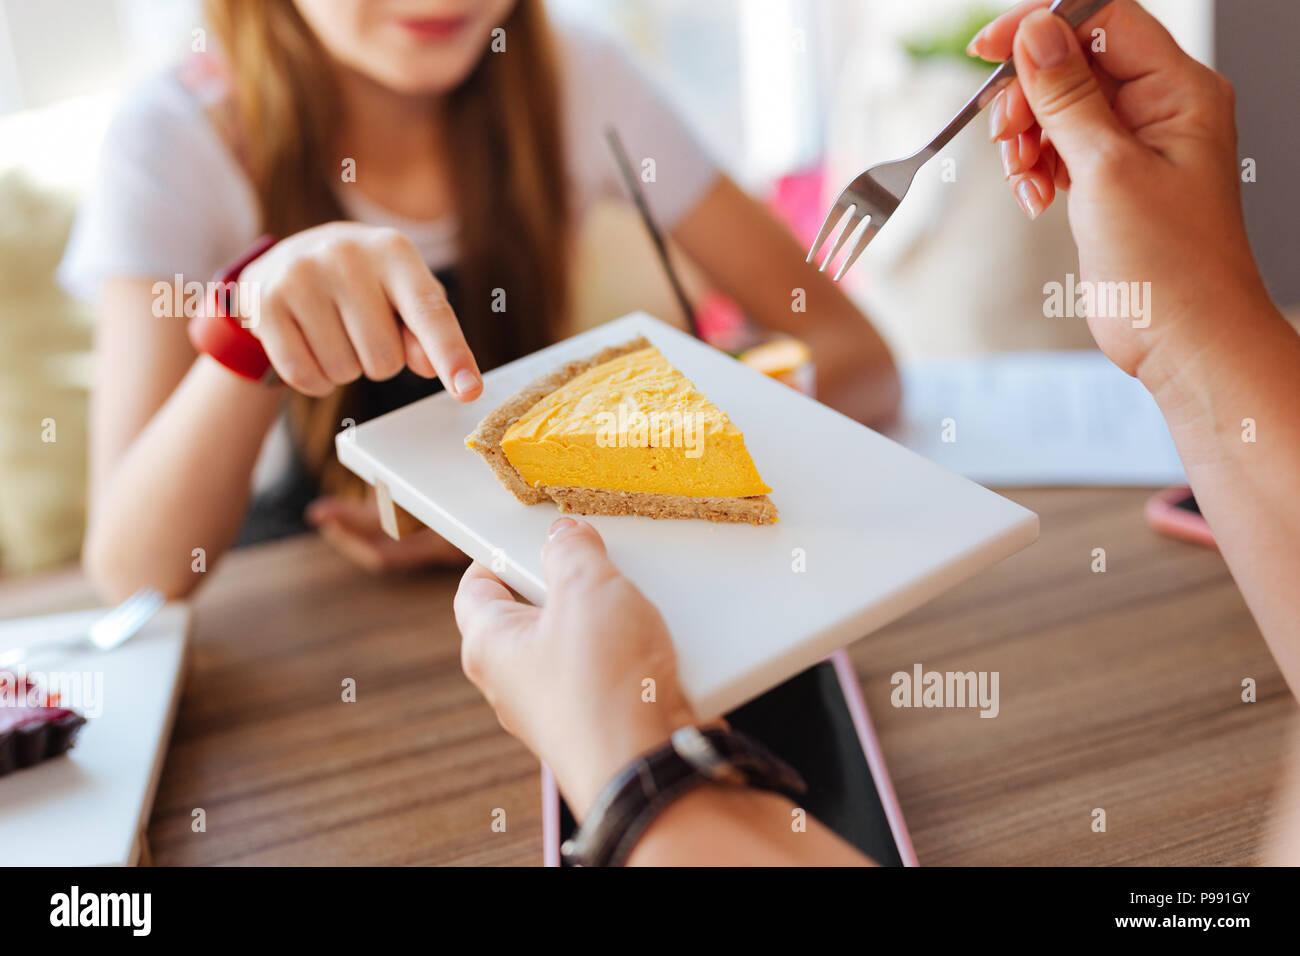 Cuidado mujer madura dando algunos cheesecake su hija Imagen De Stock